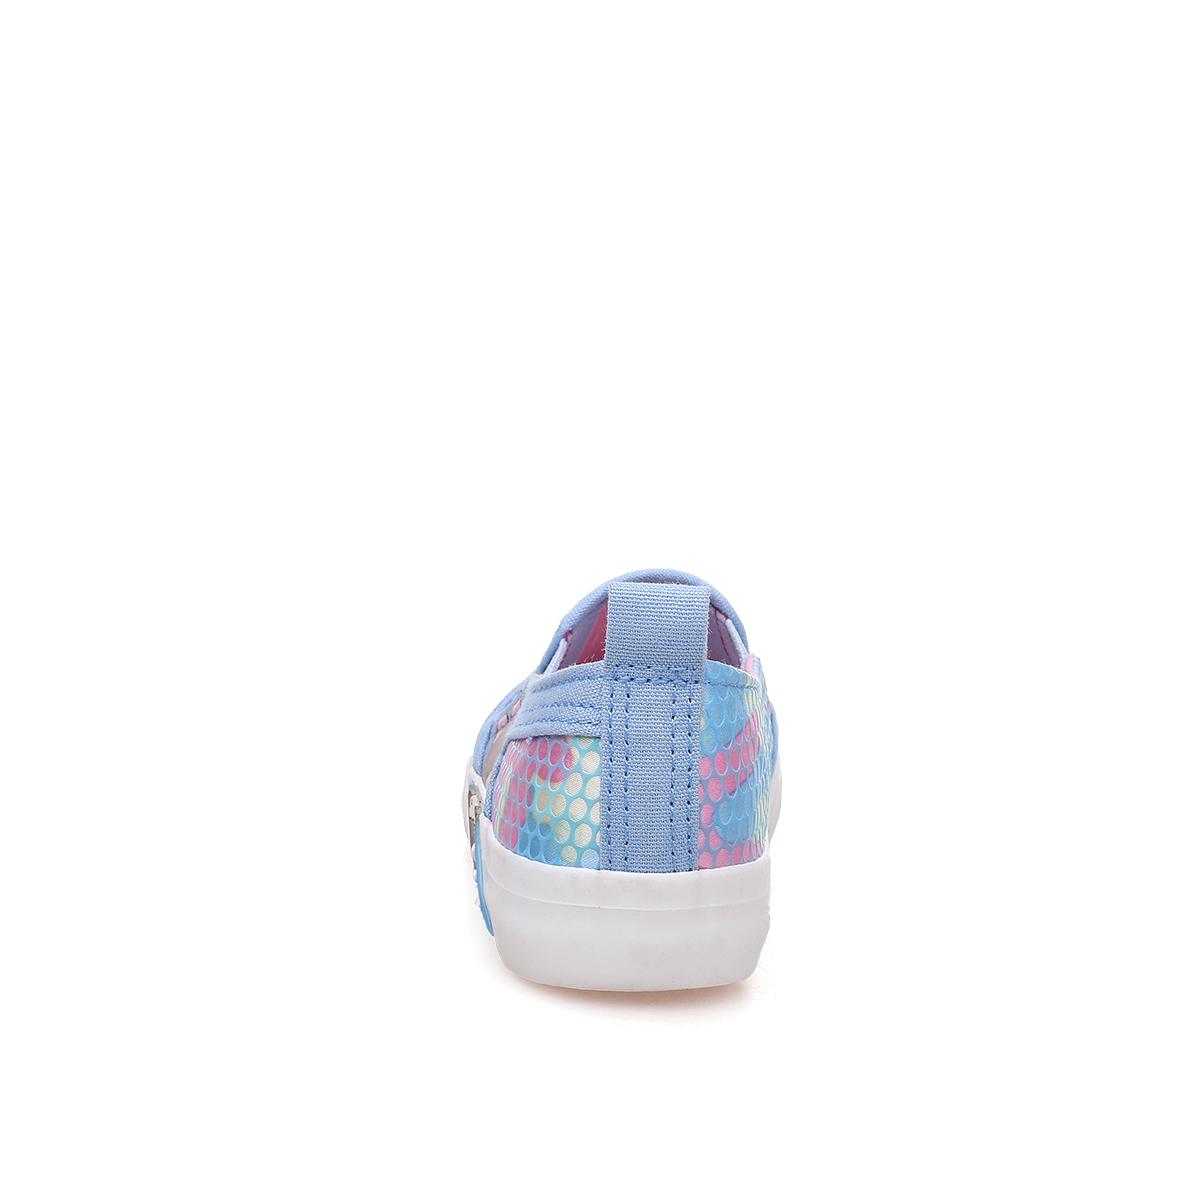 Baskets enfants en toile 7&AMP5 suture de voiture pour été - semelle caoutchouc antidérapant - Ref 1004945 Image 3